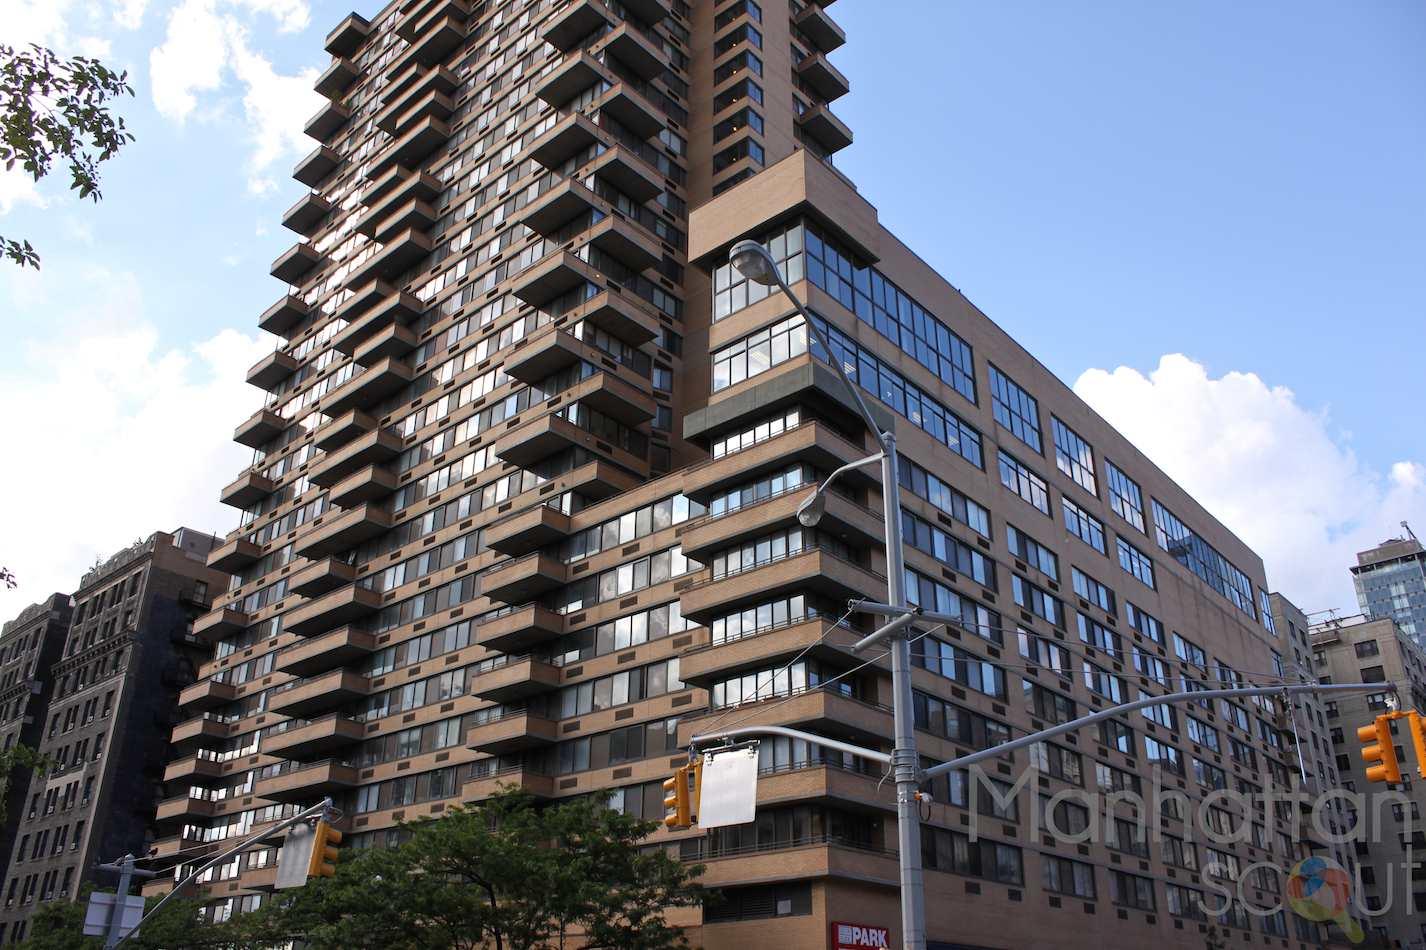 The Columbia 275 West 96th Street Condominium